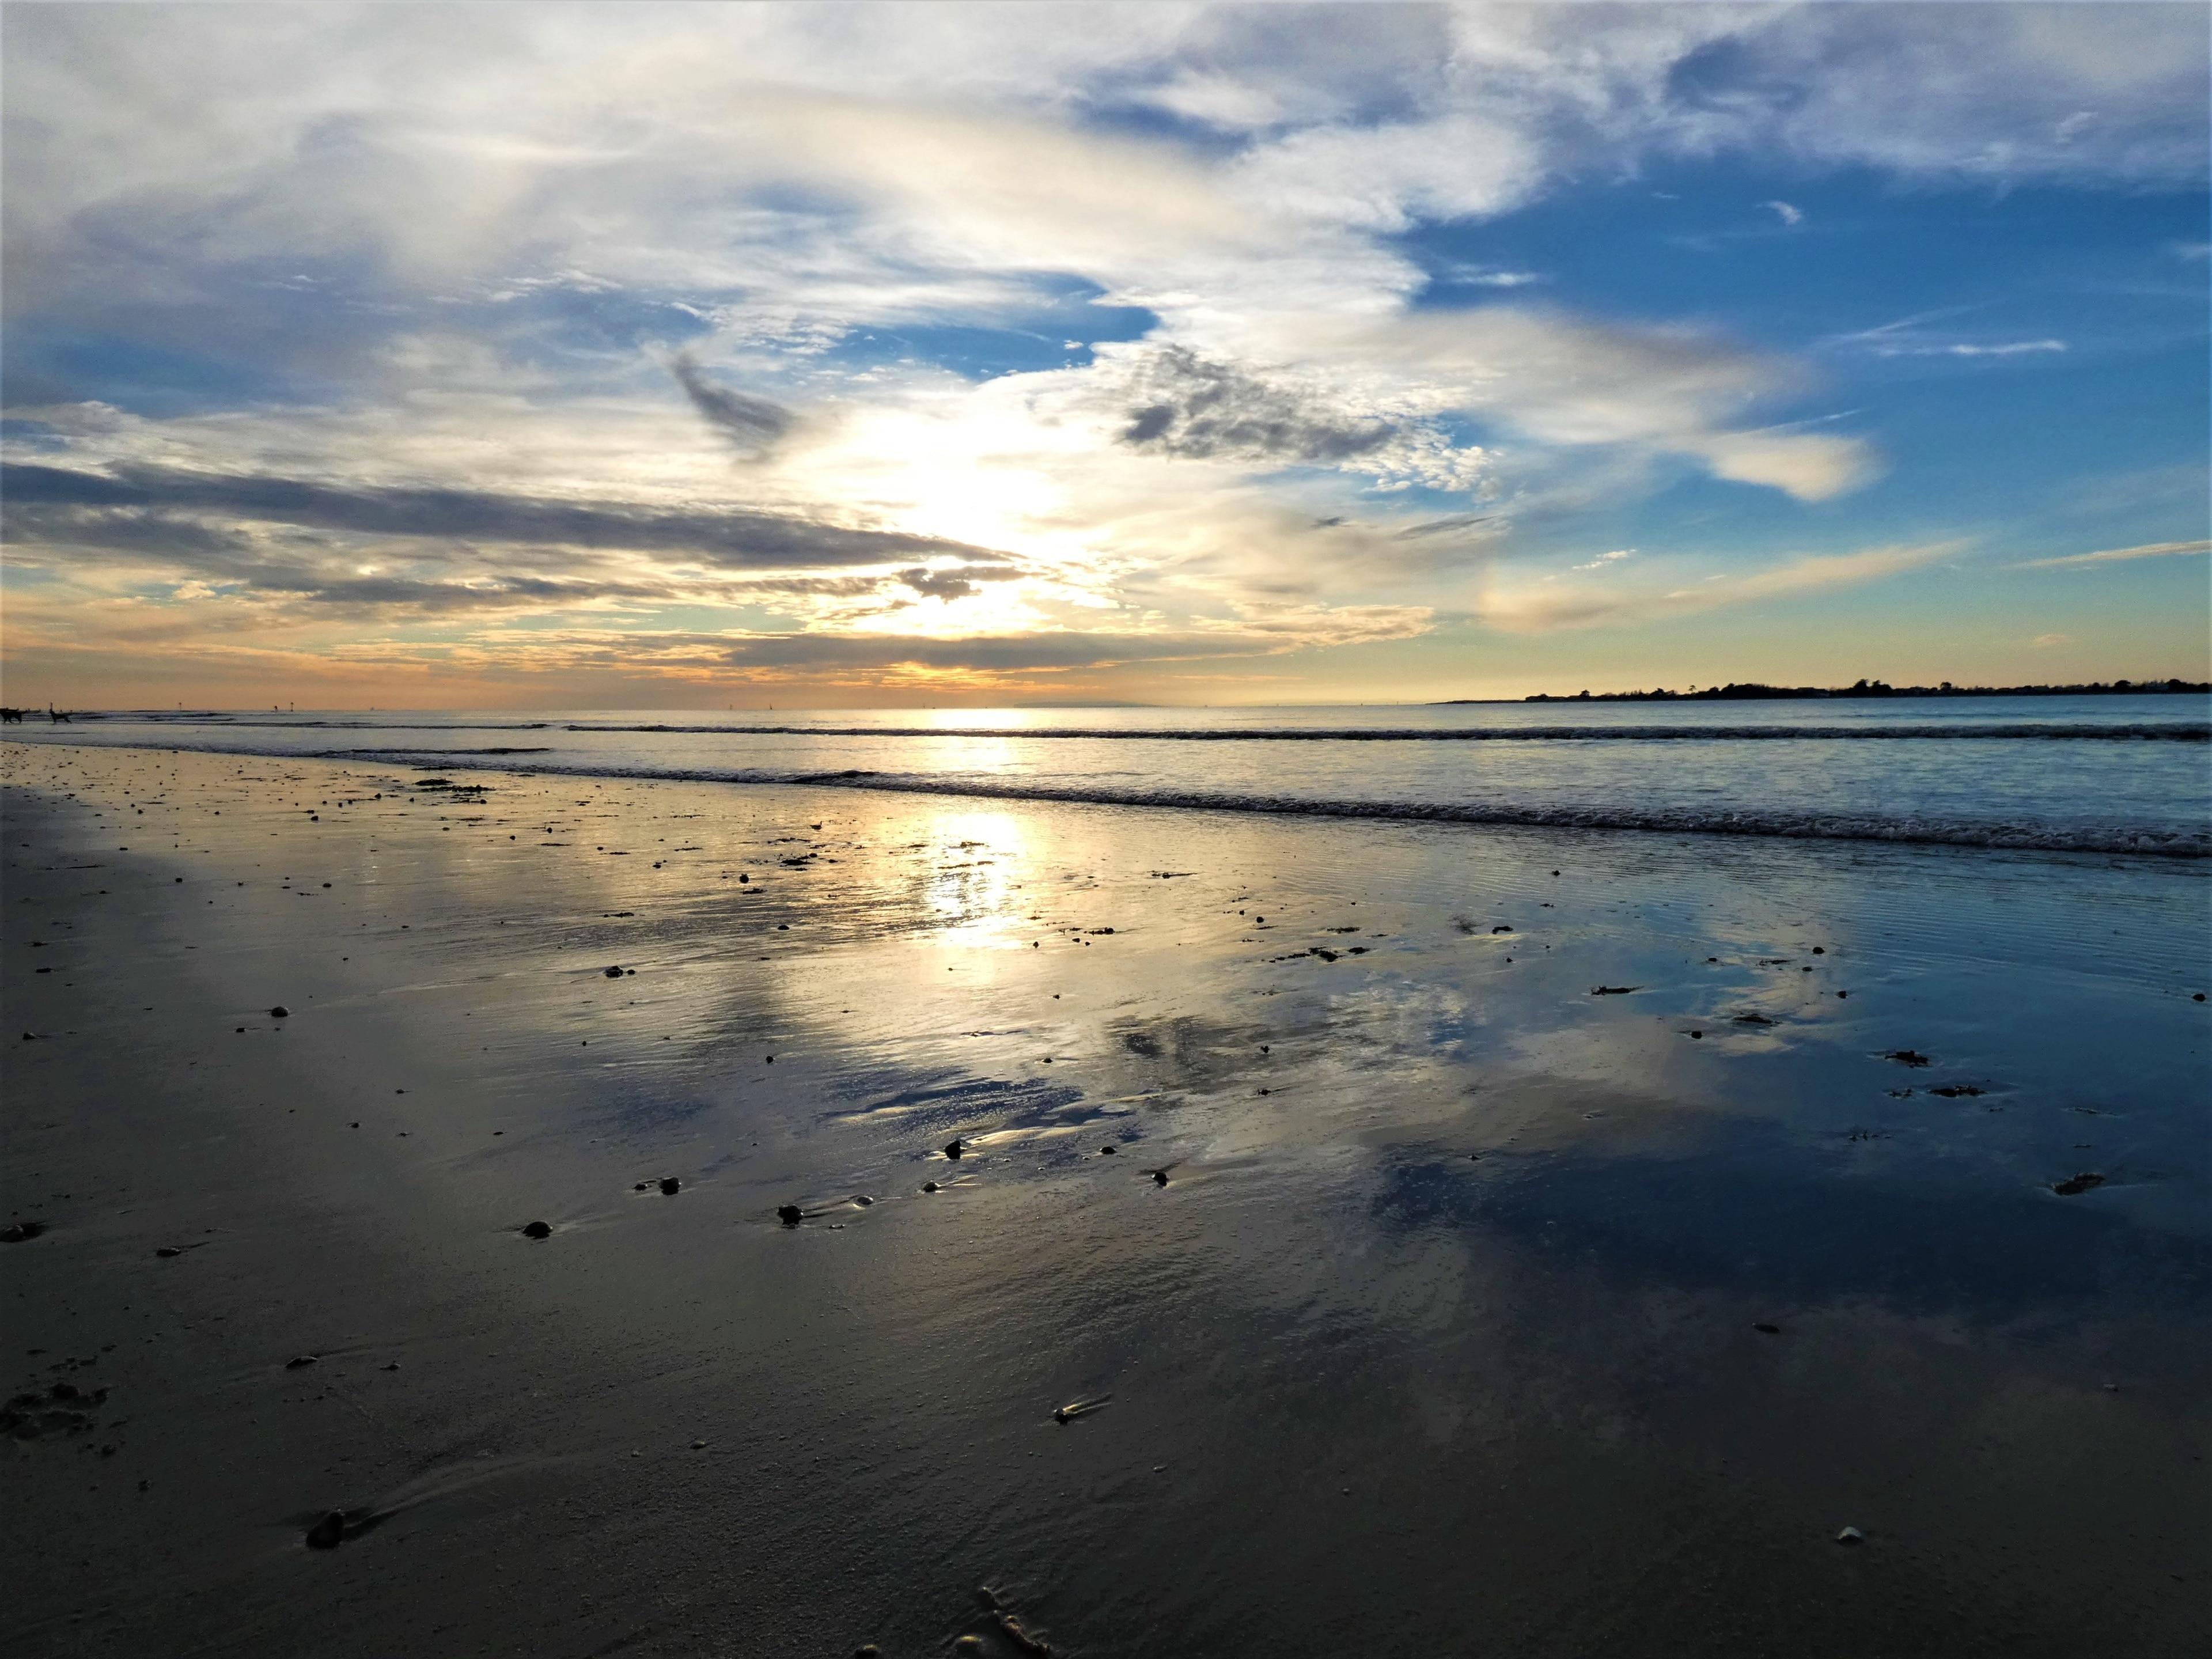 West Wittering Beach, Chichester, Engeland, Verenigd Koninkrijk